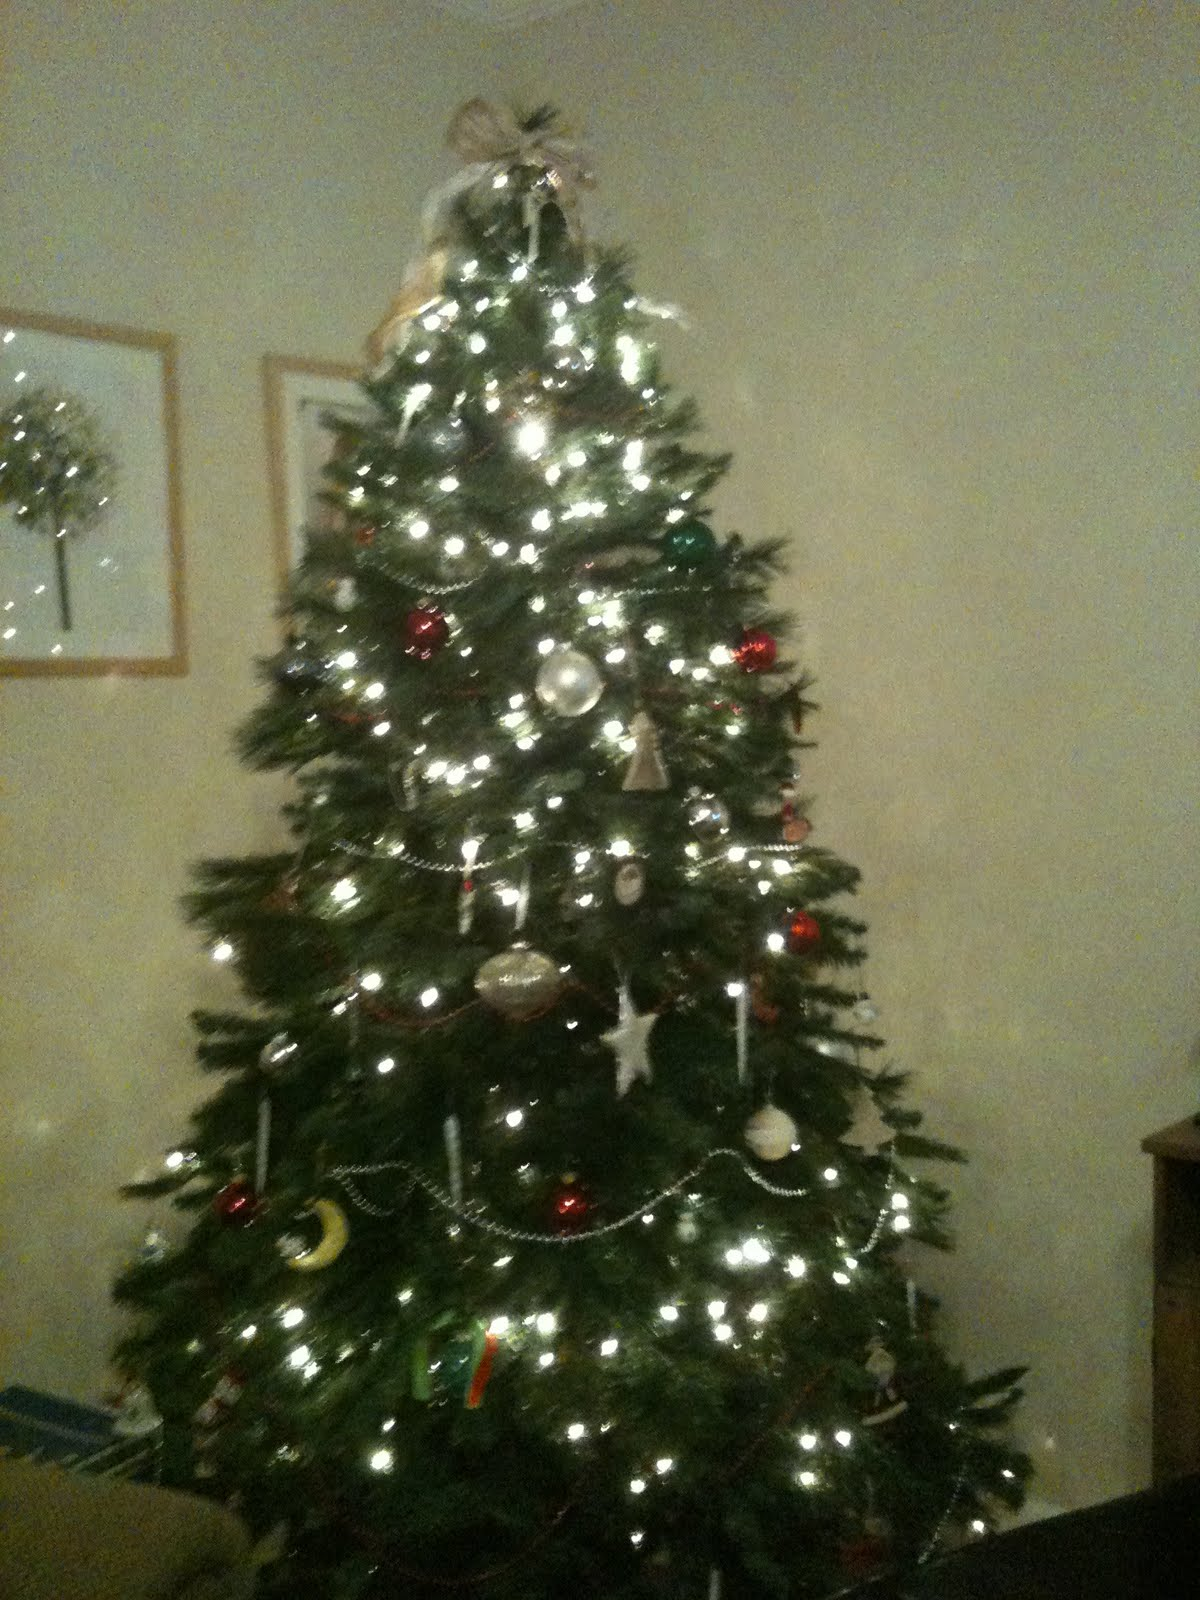 http://2.bp.blogspot.com/_XeJcXX_Fgbc/TQw56GPXGdI/AAAAAAAAAI8/_y33ku88kRU/s1600/Valerie+Christmas+Tree.jpeg